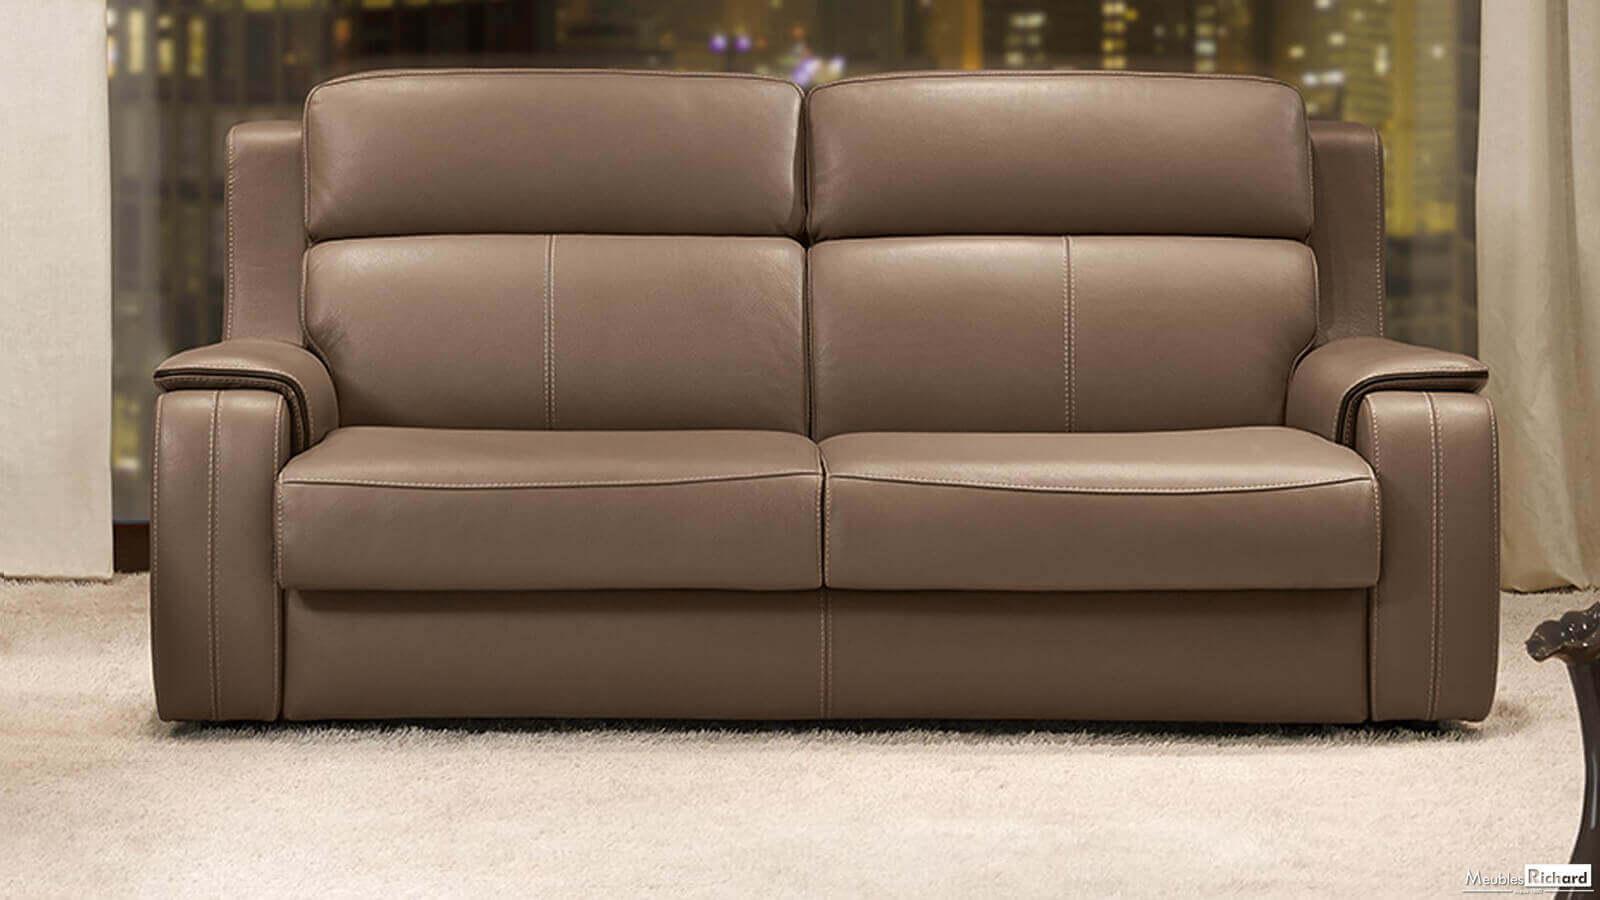 Canapé-Lit - Cuir - Style Contemporain | Canapé-Lit ... avec Canape Cuir Convertible